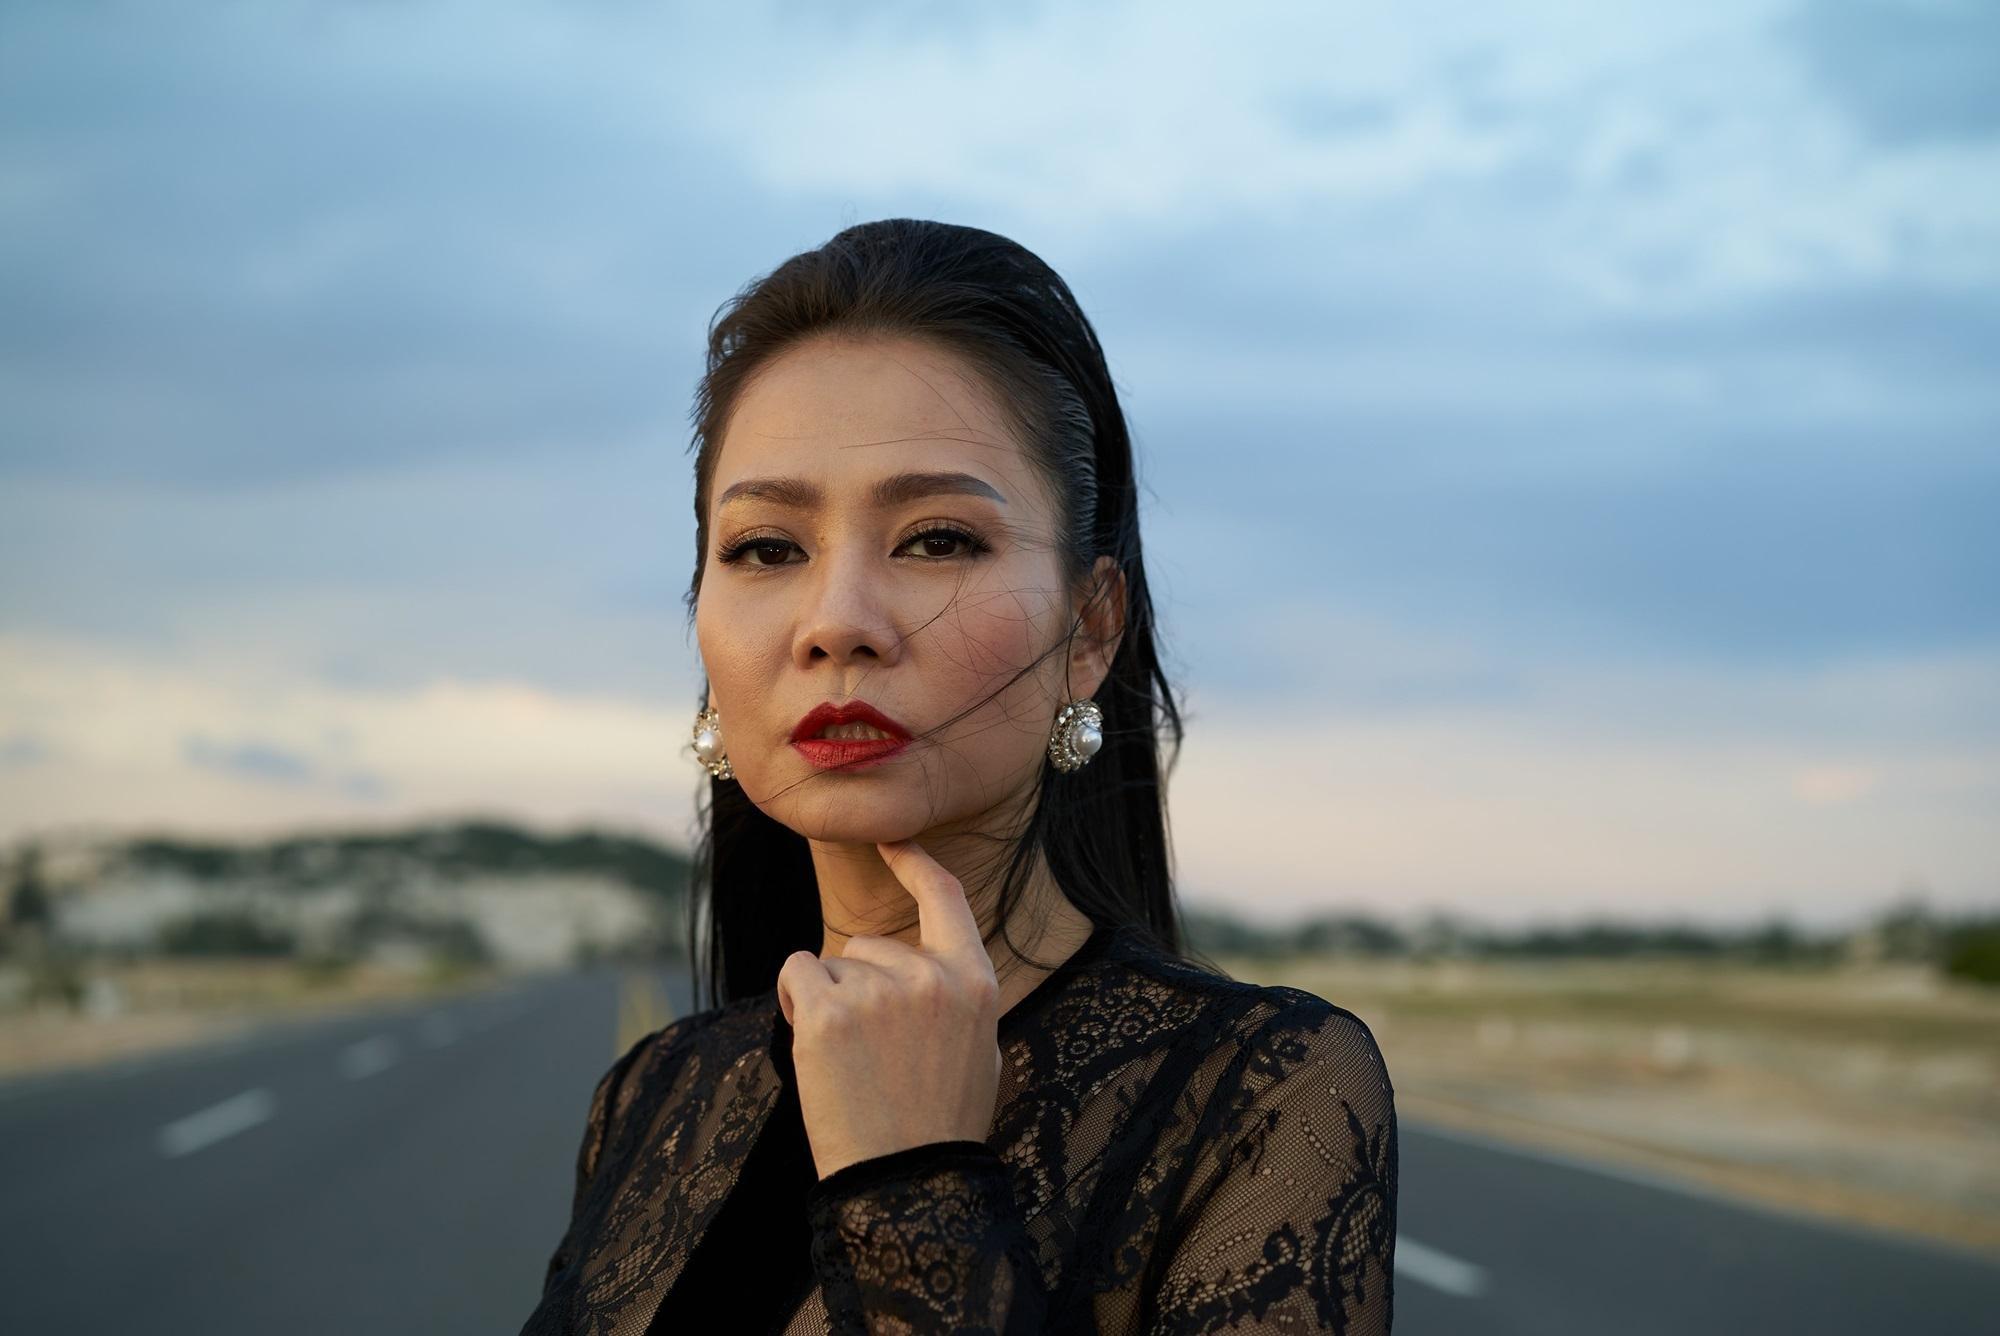 Vợ chồng Trấn Thành - Hari Won và những lần chơi đẹp nức tiếng với Thu Minh: Mấy ai đối với bạn được như thế trong showbiz này?-2